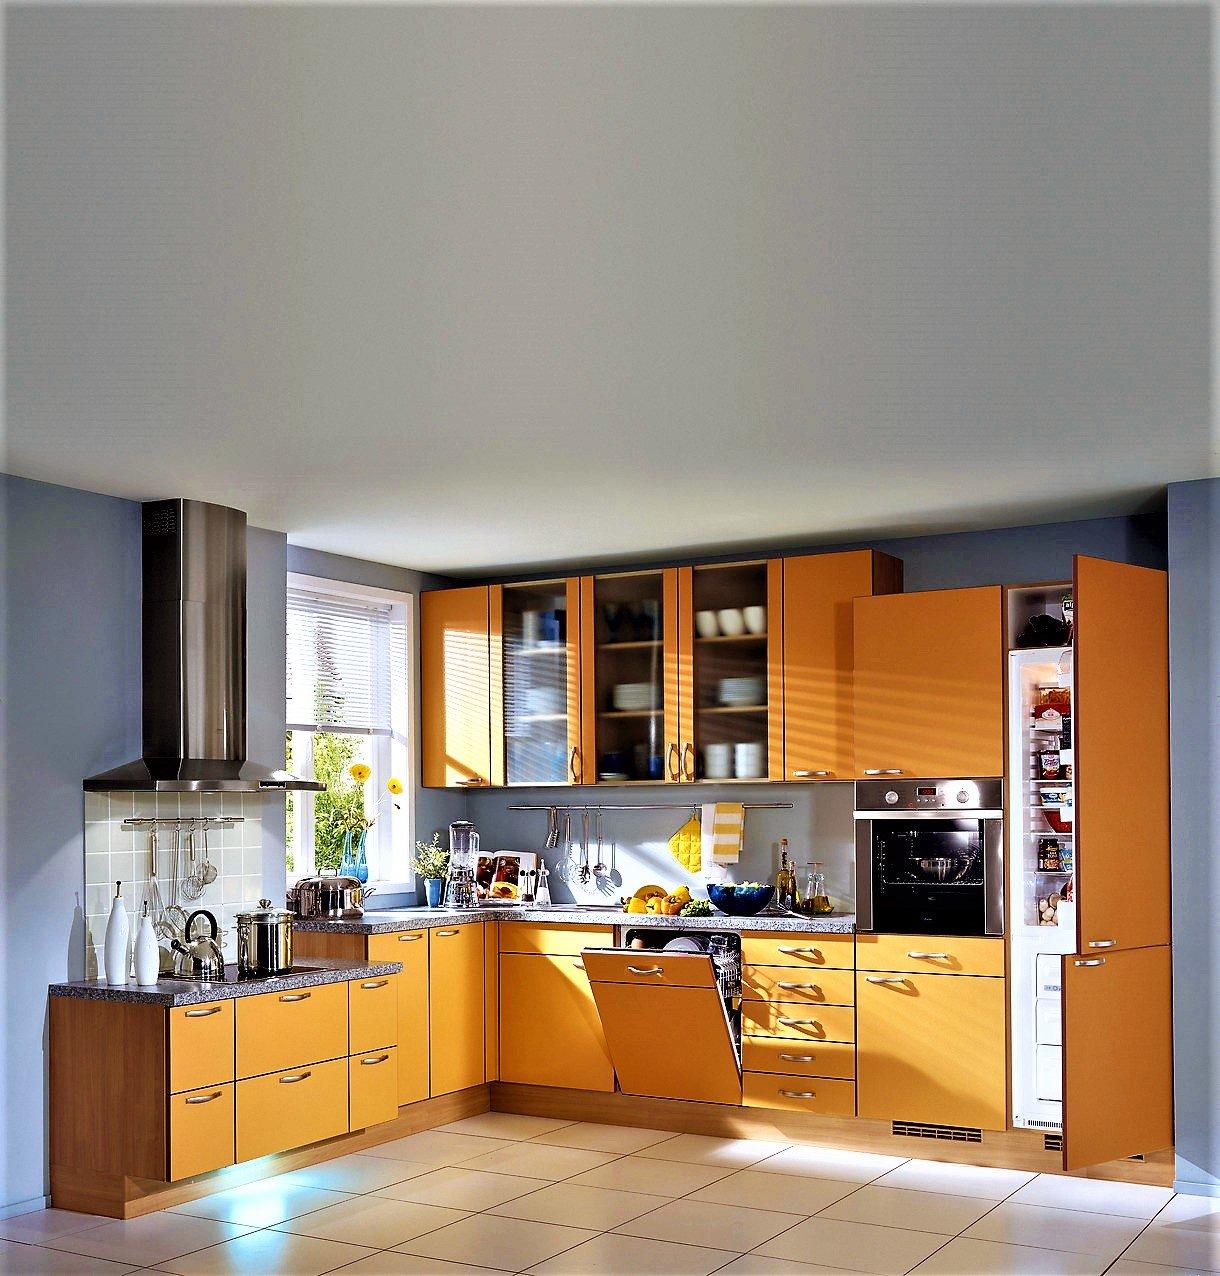 Full Size of Gebraucht Einbauküche Kaufen Einbauküche Kaufen Erfahrungen Amerikanische Einbauküche Kaufen Billig Einbauküche Kaufen Küche Einbauküche Kaufen